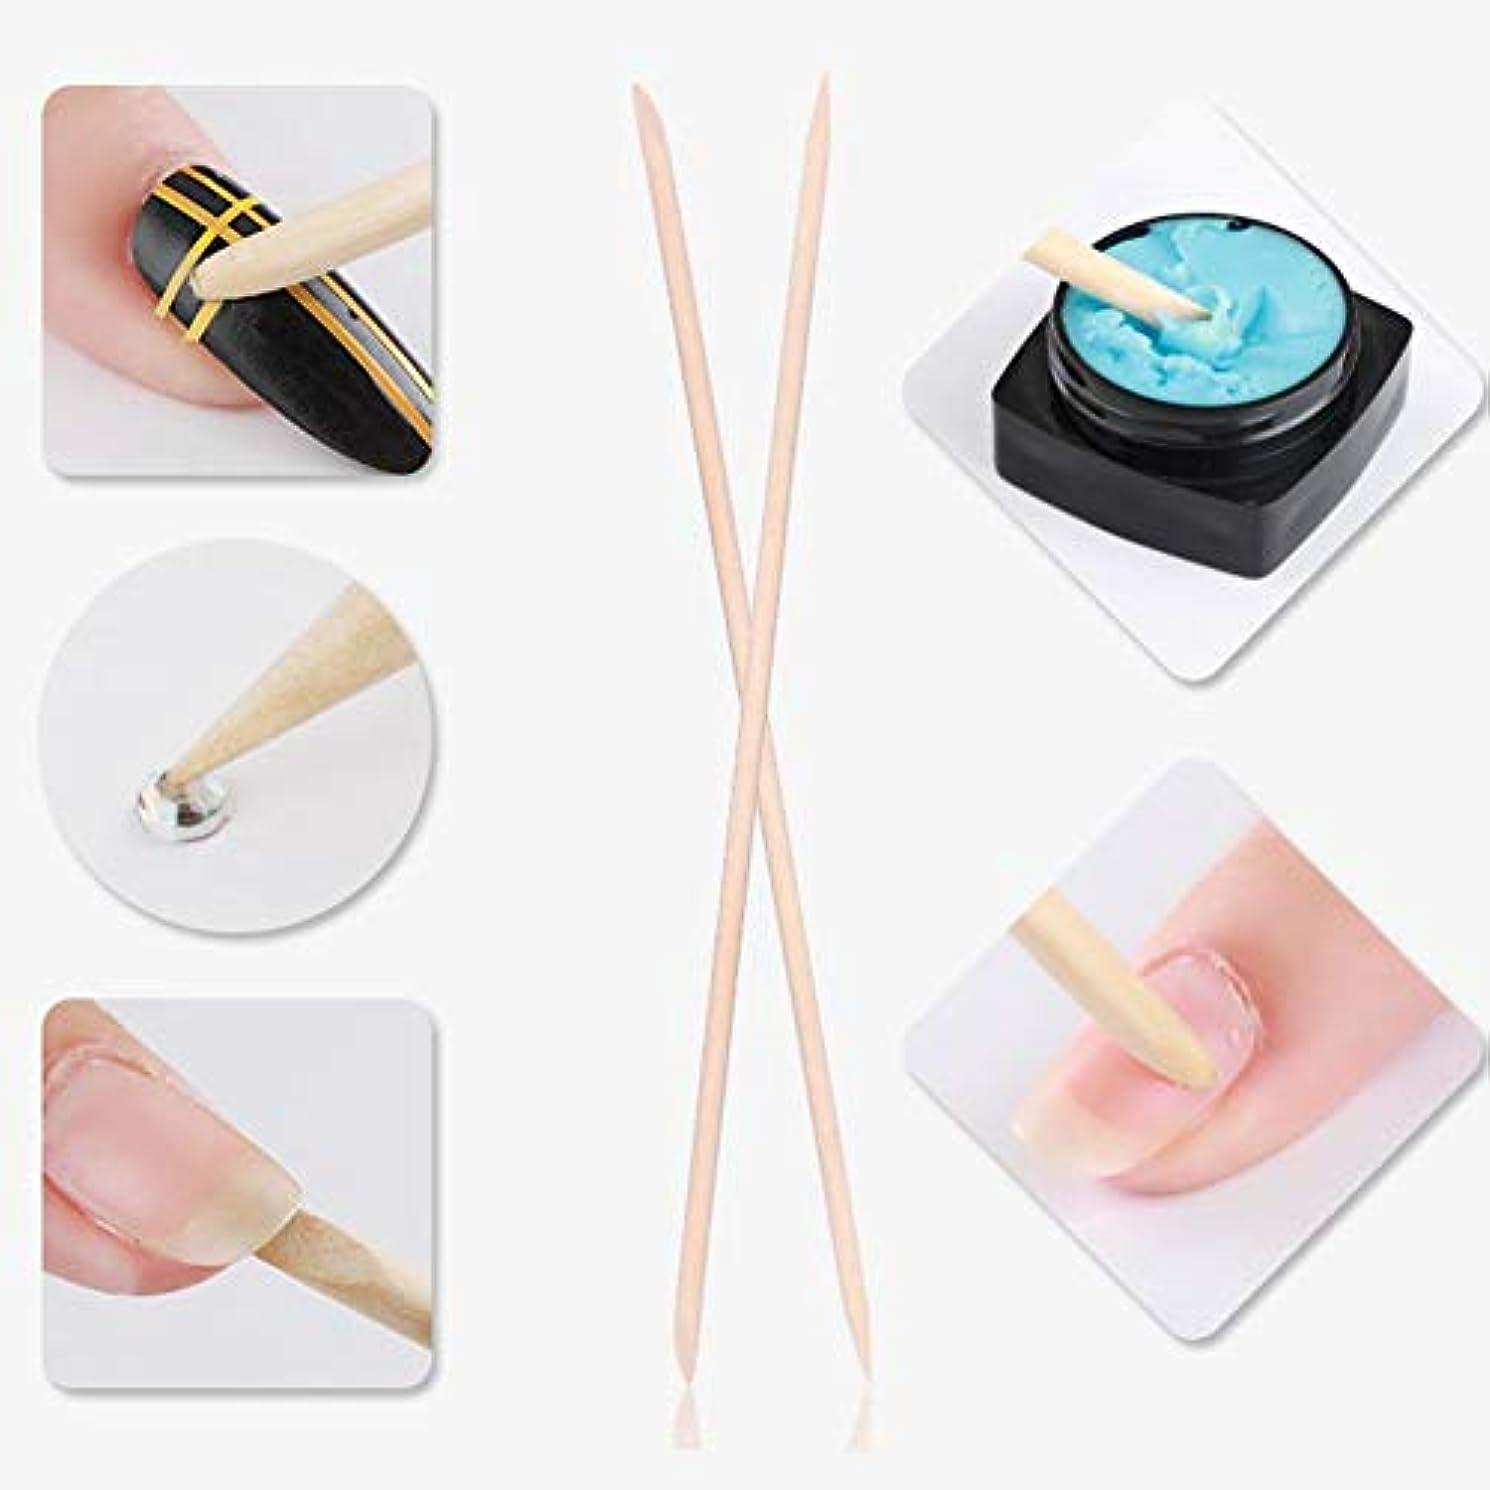 ユーモラスアイスクリームネクタイマニキュアペディキュア ネイルアートペイントパターン用 5本 ネイルキューティクルは木製スティック、ネイルキューティクルプッシャーを取り外します(1)